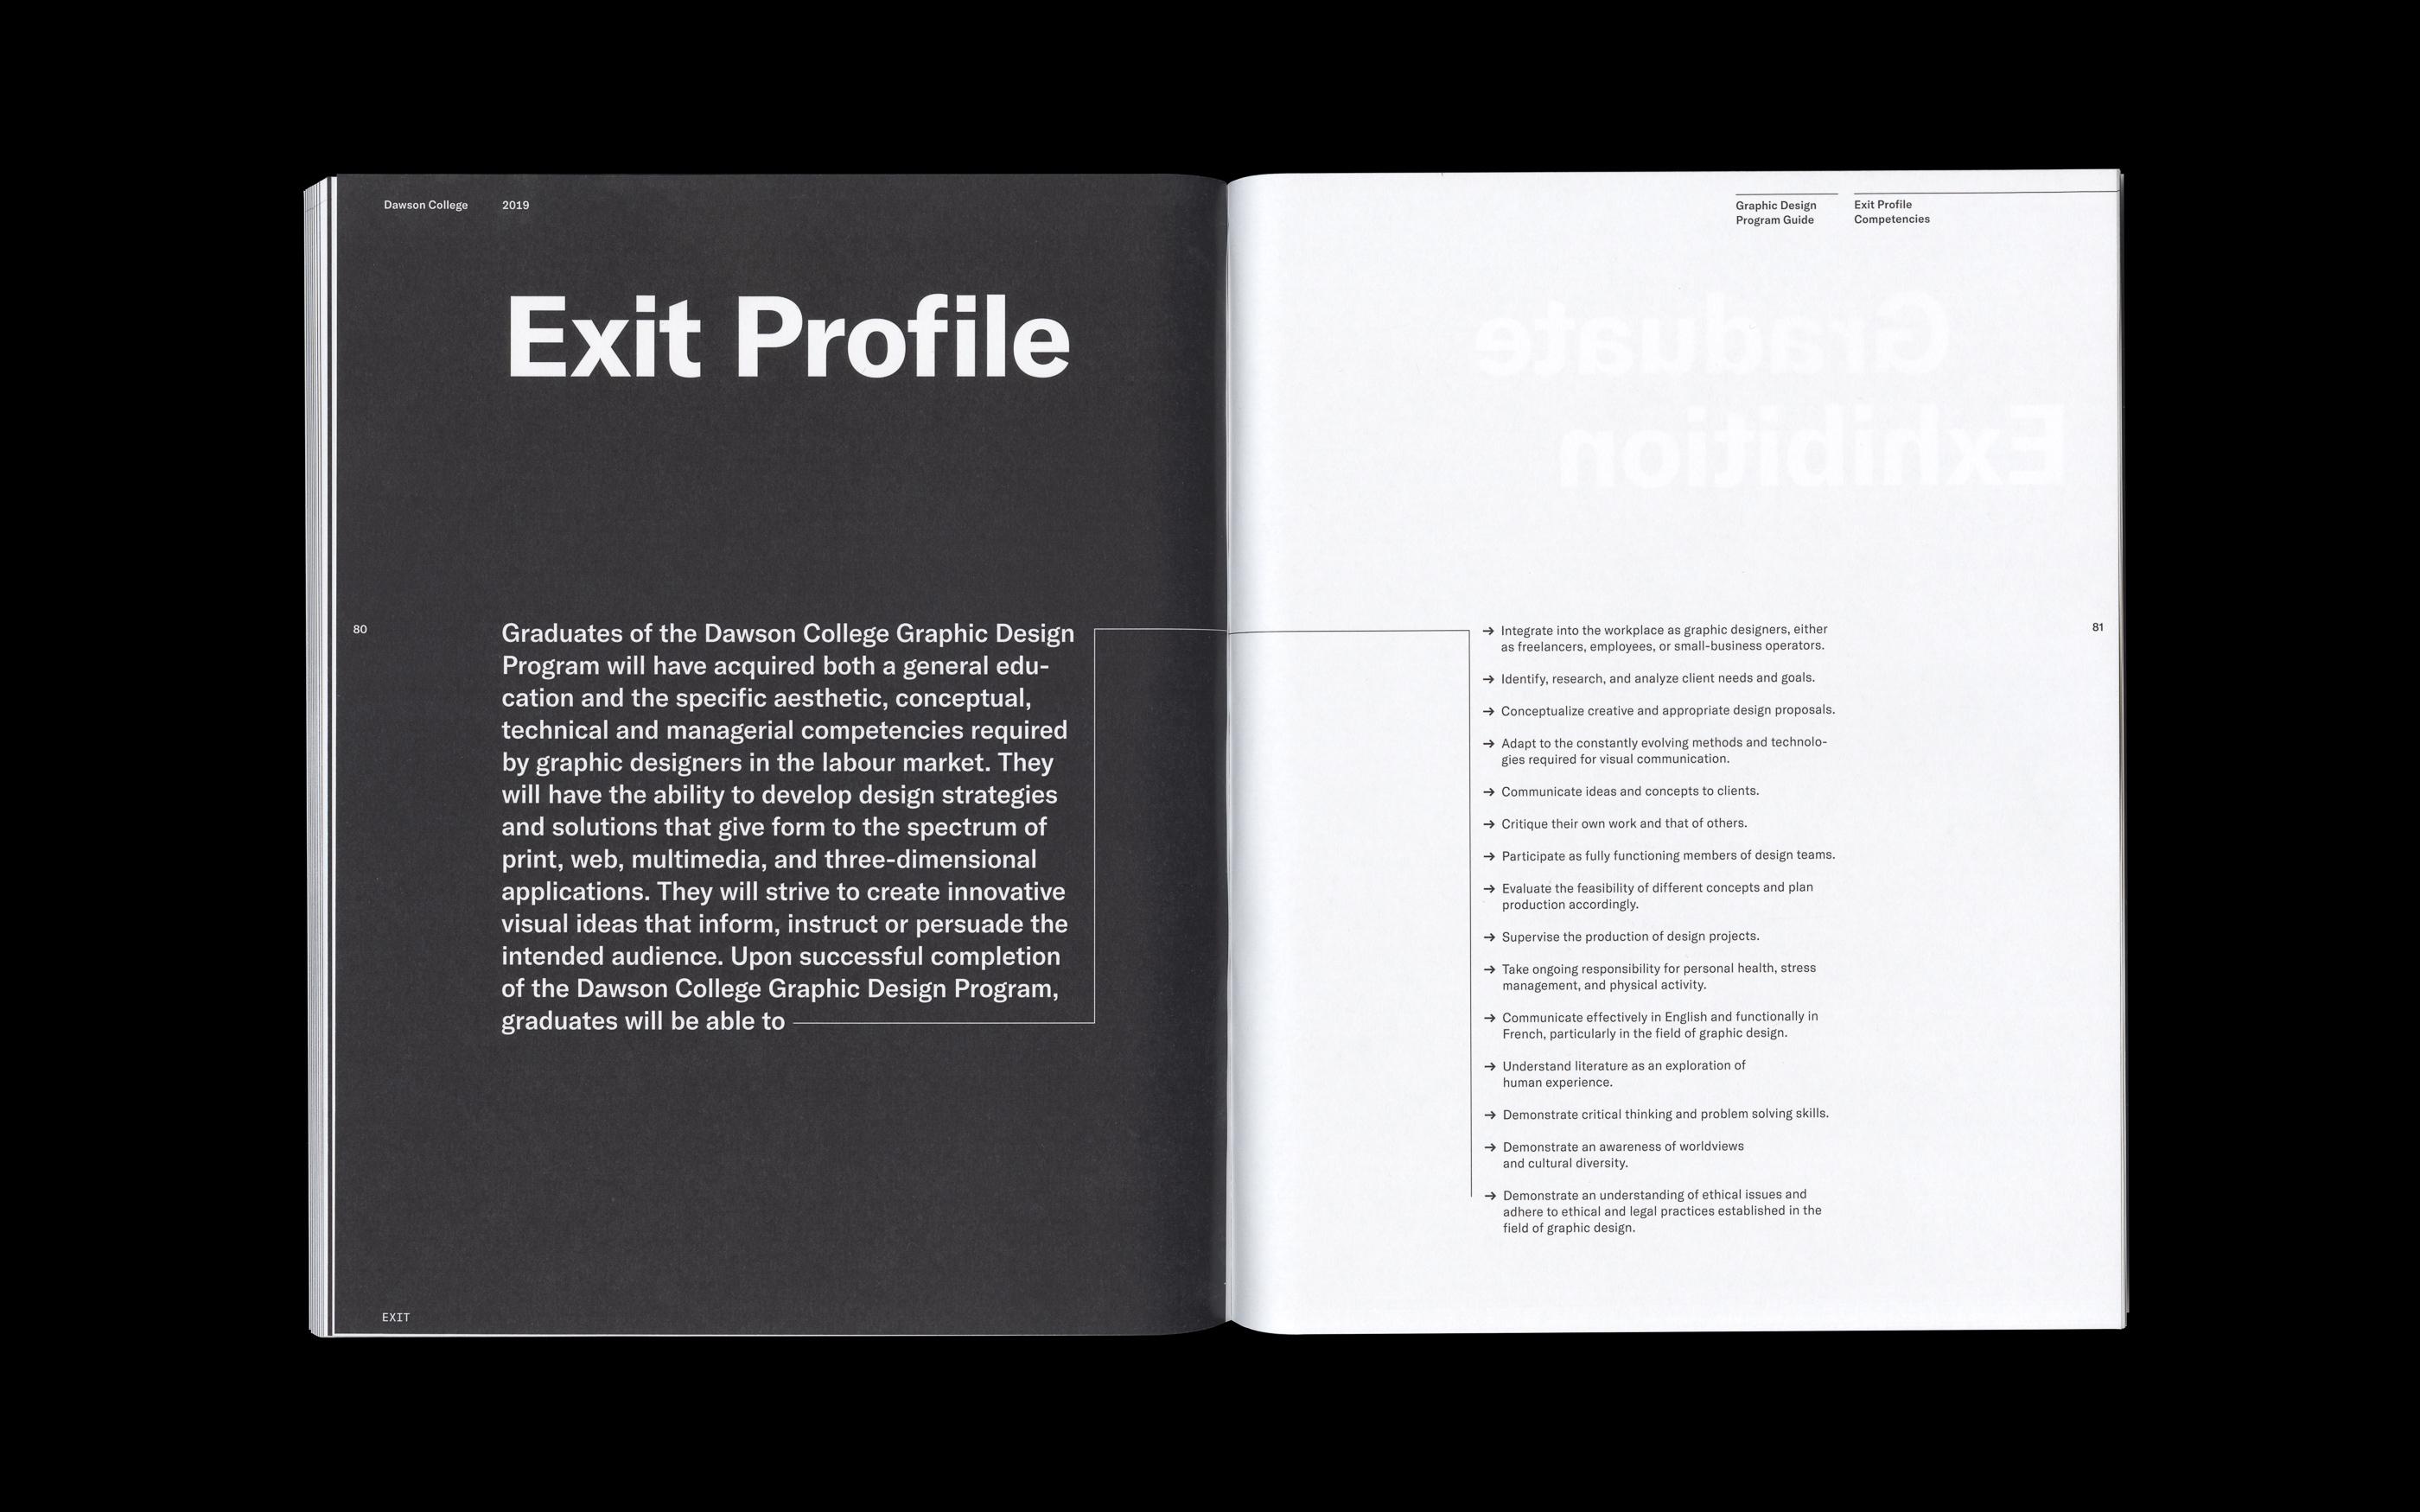 Exit Profile Spread